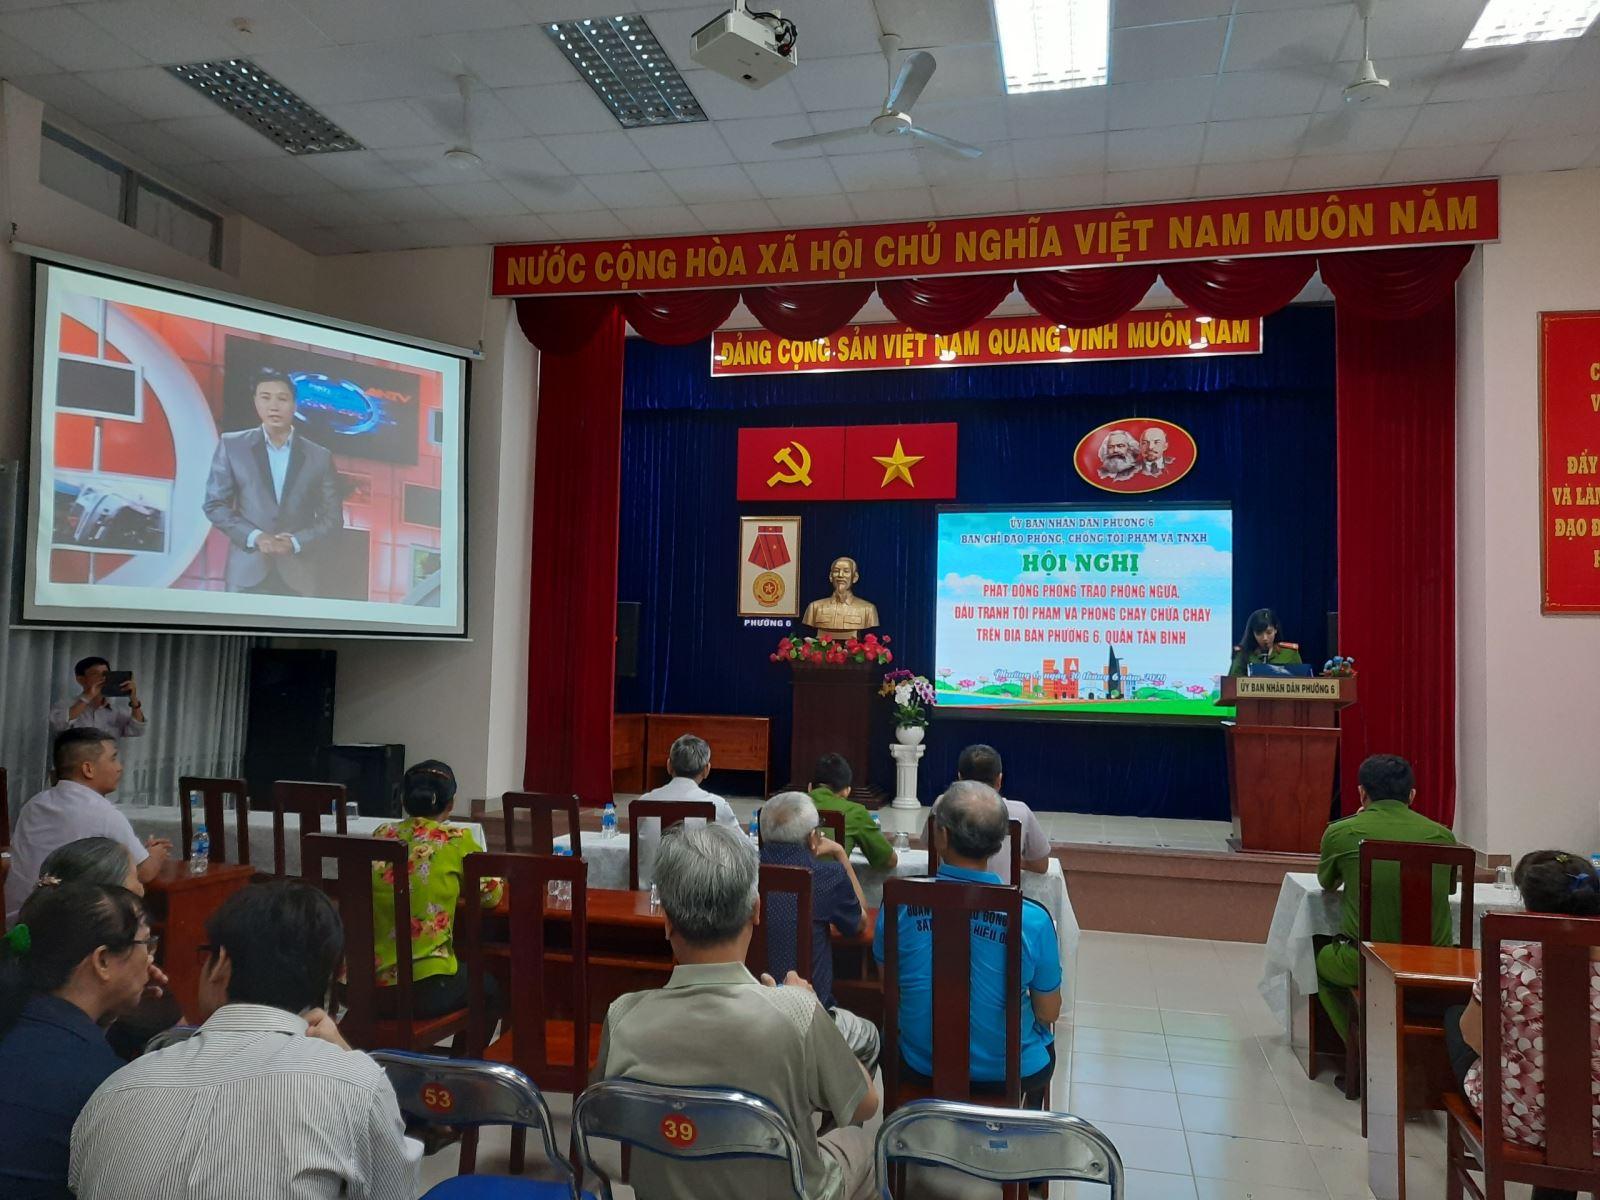 Phường 6: tổ chức Hội nghị phát động phong trào phòng ngừa, đấu tranh tội phạm